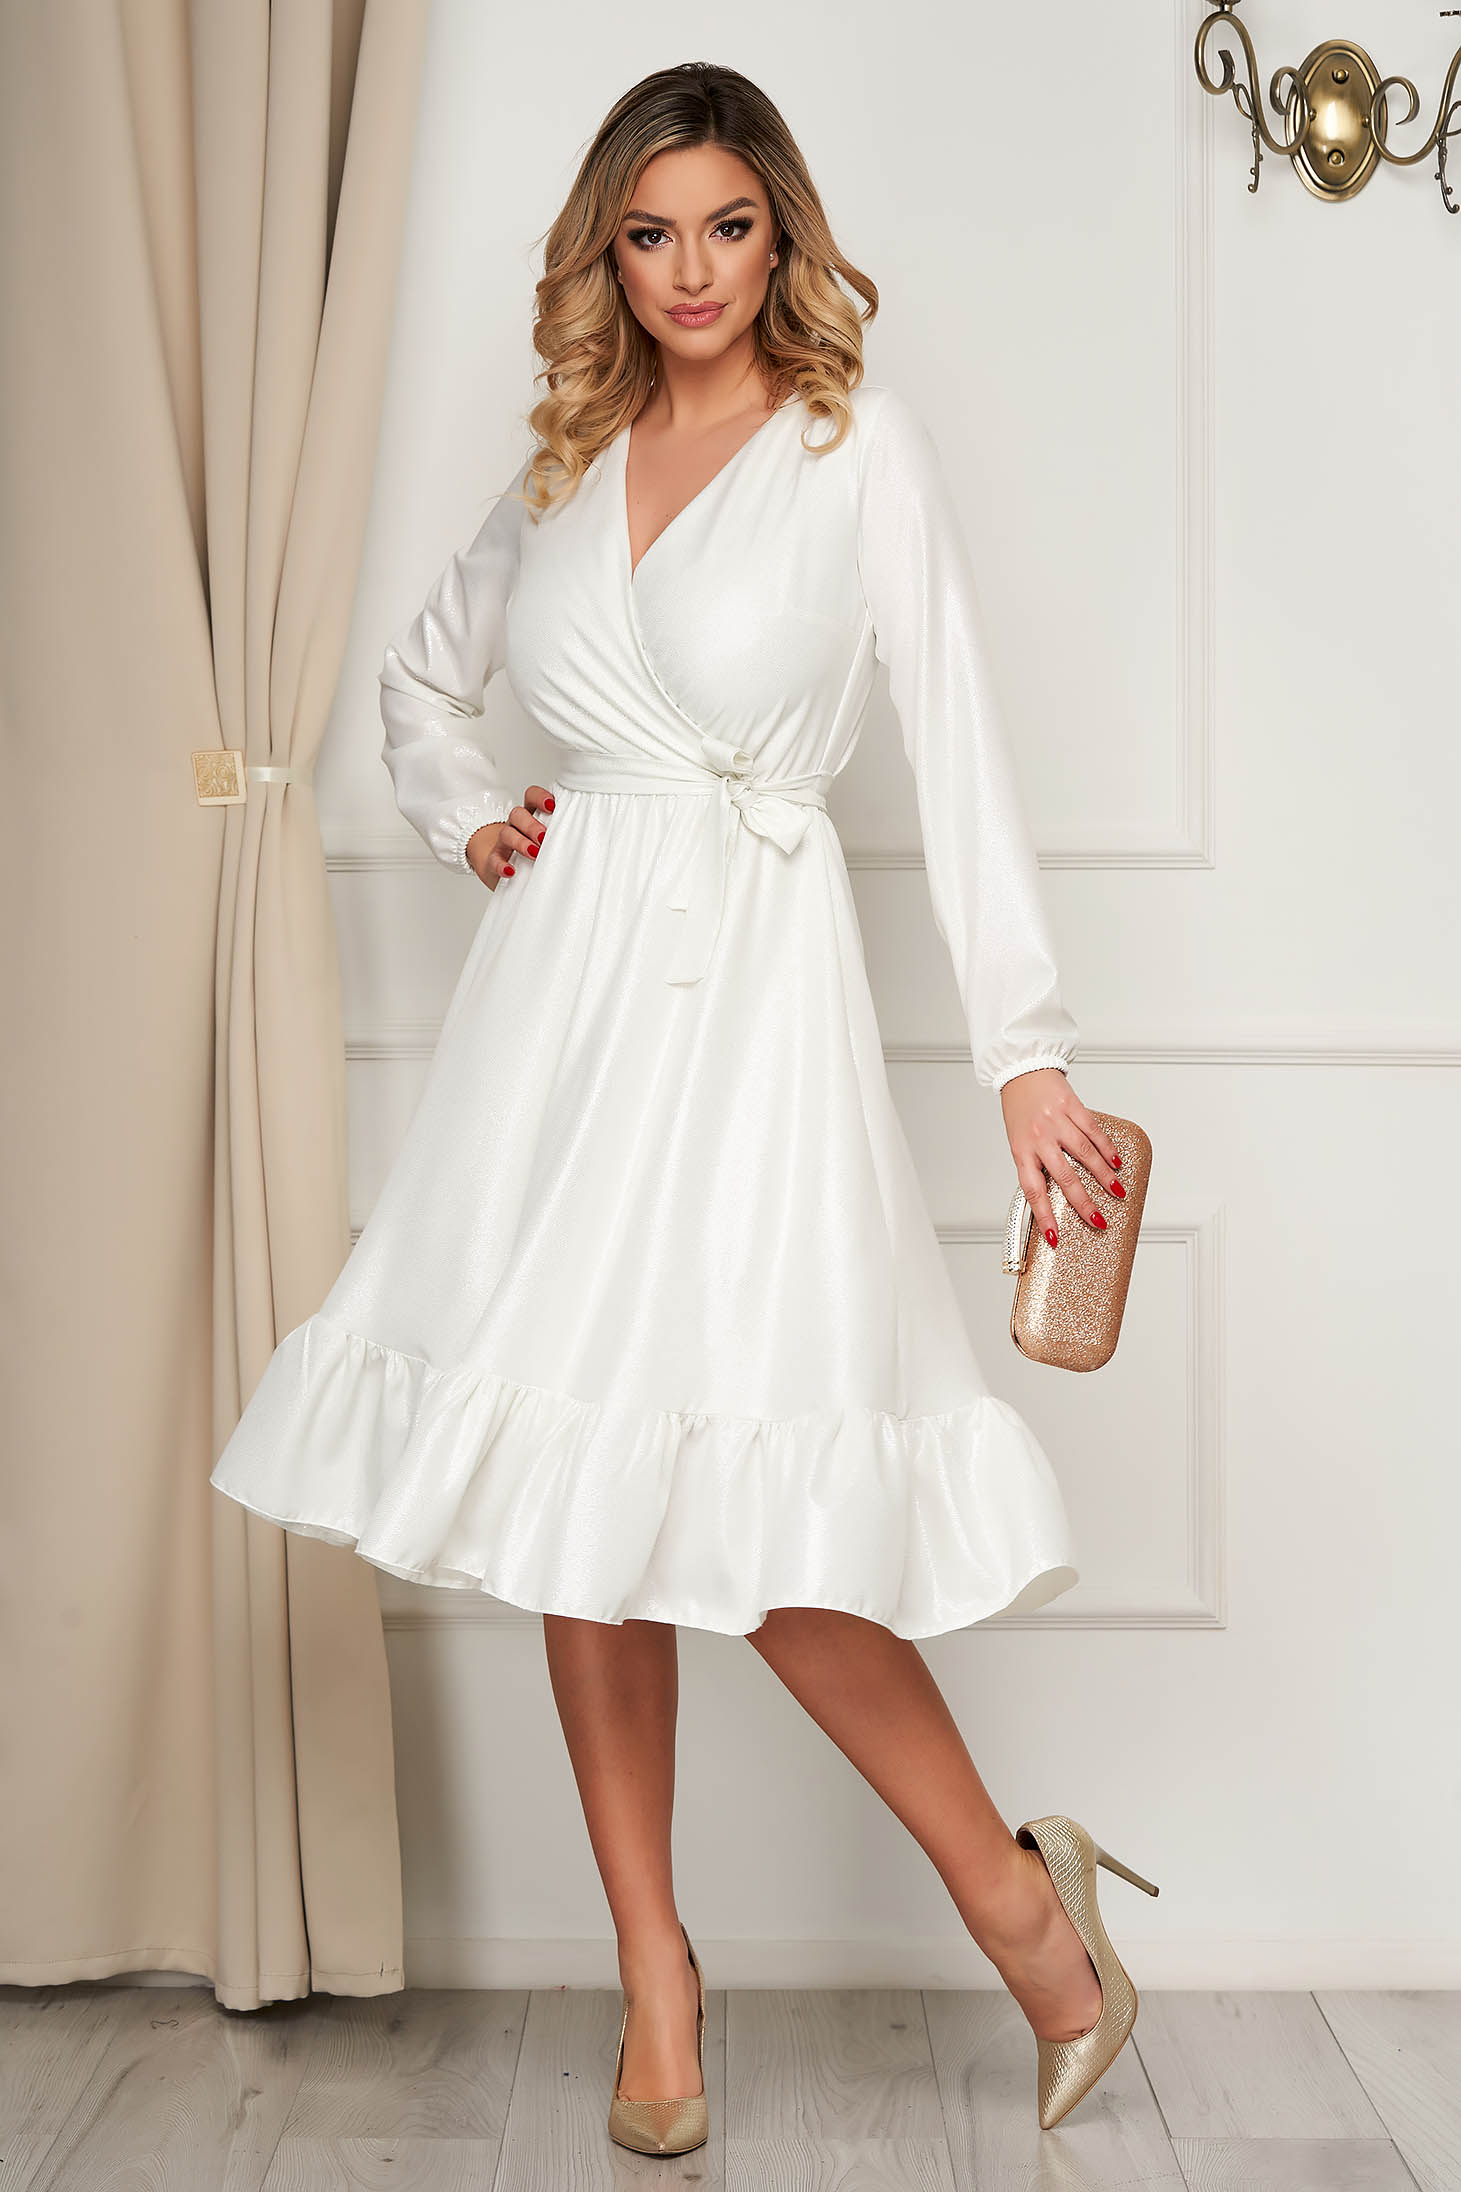 Fehér StarShinerS alkalmi vékony anyagú midi ruha harang alakú gumirozott derékrésszel